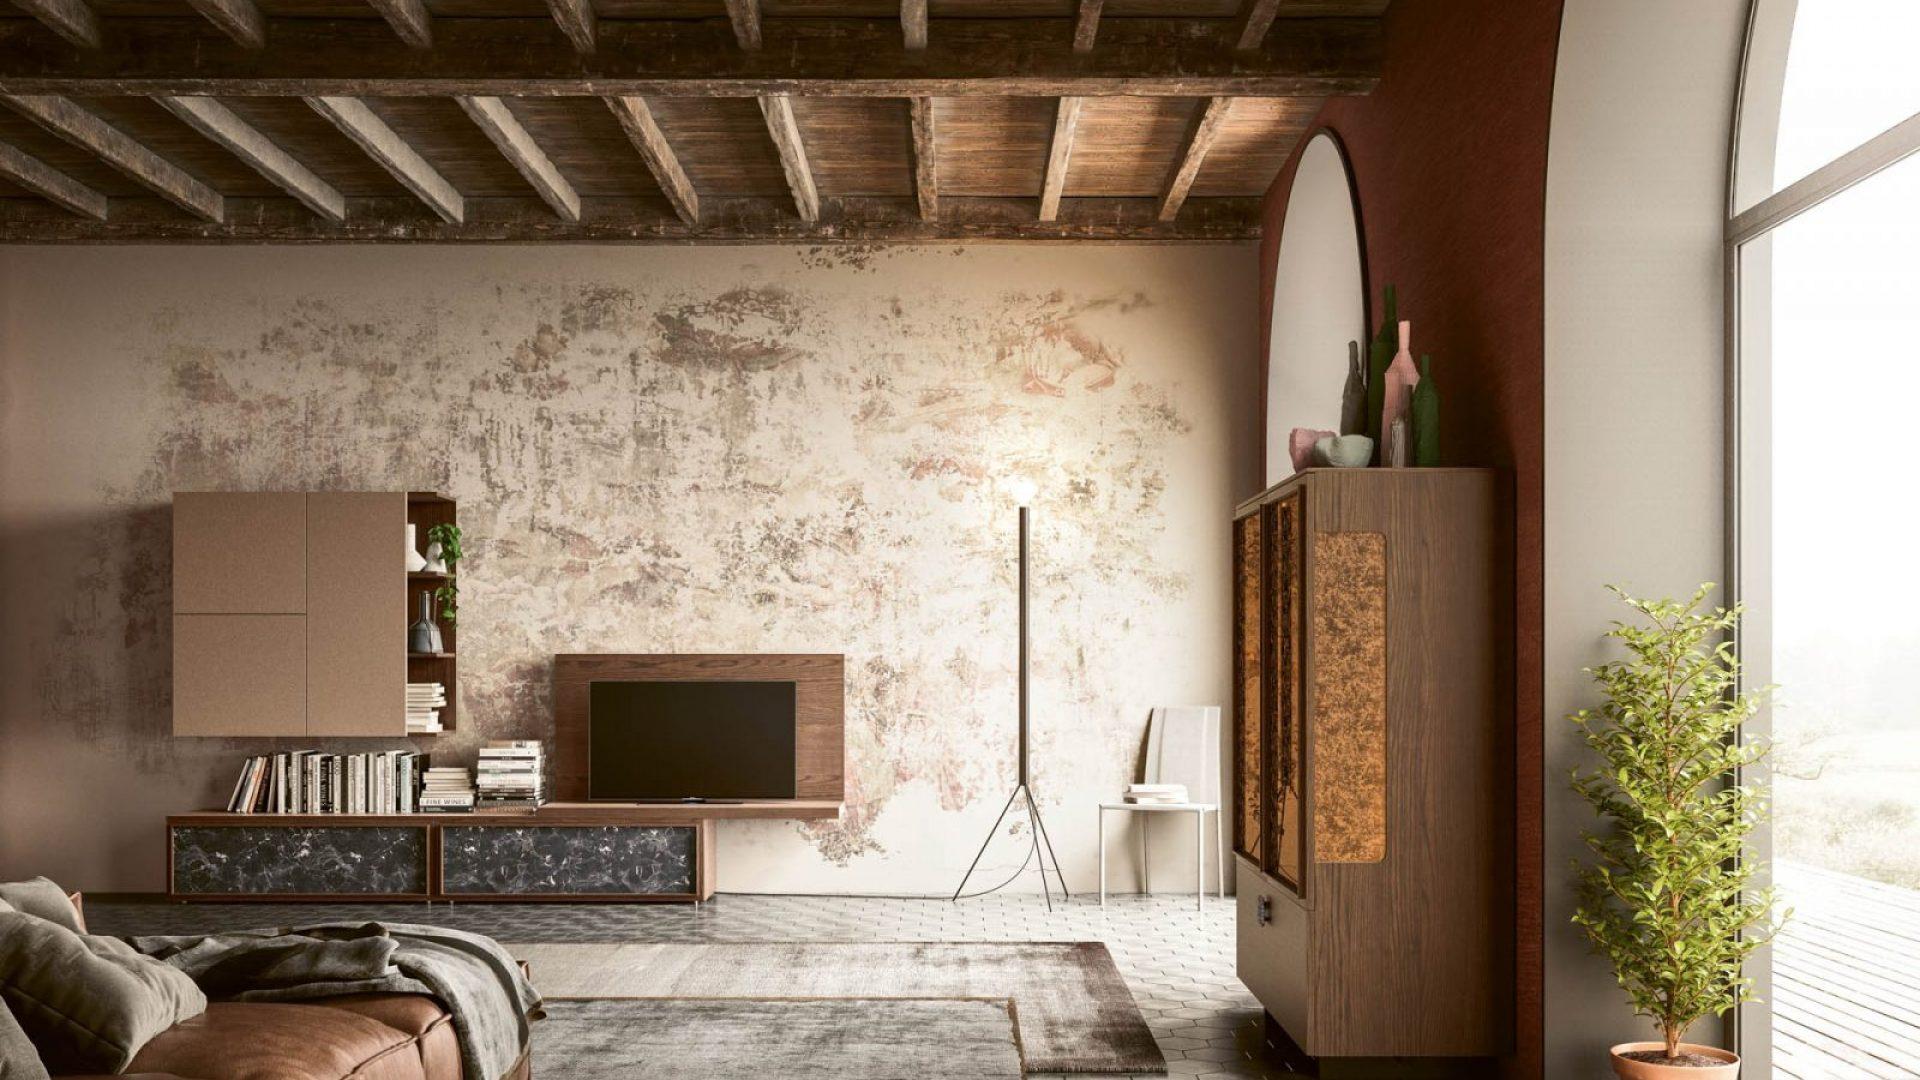 San Michele - Arredamento Classico e Arredamento Contemporaneo